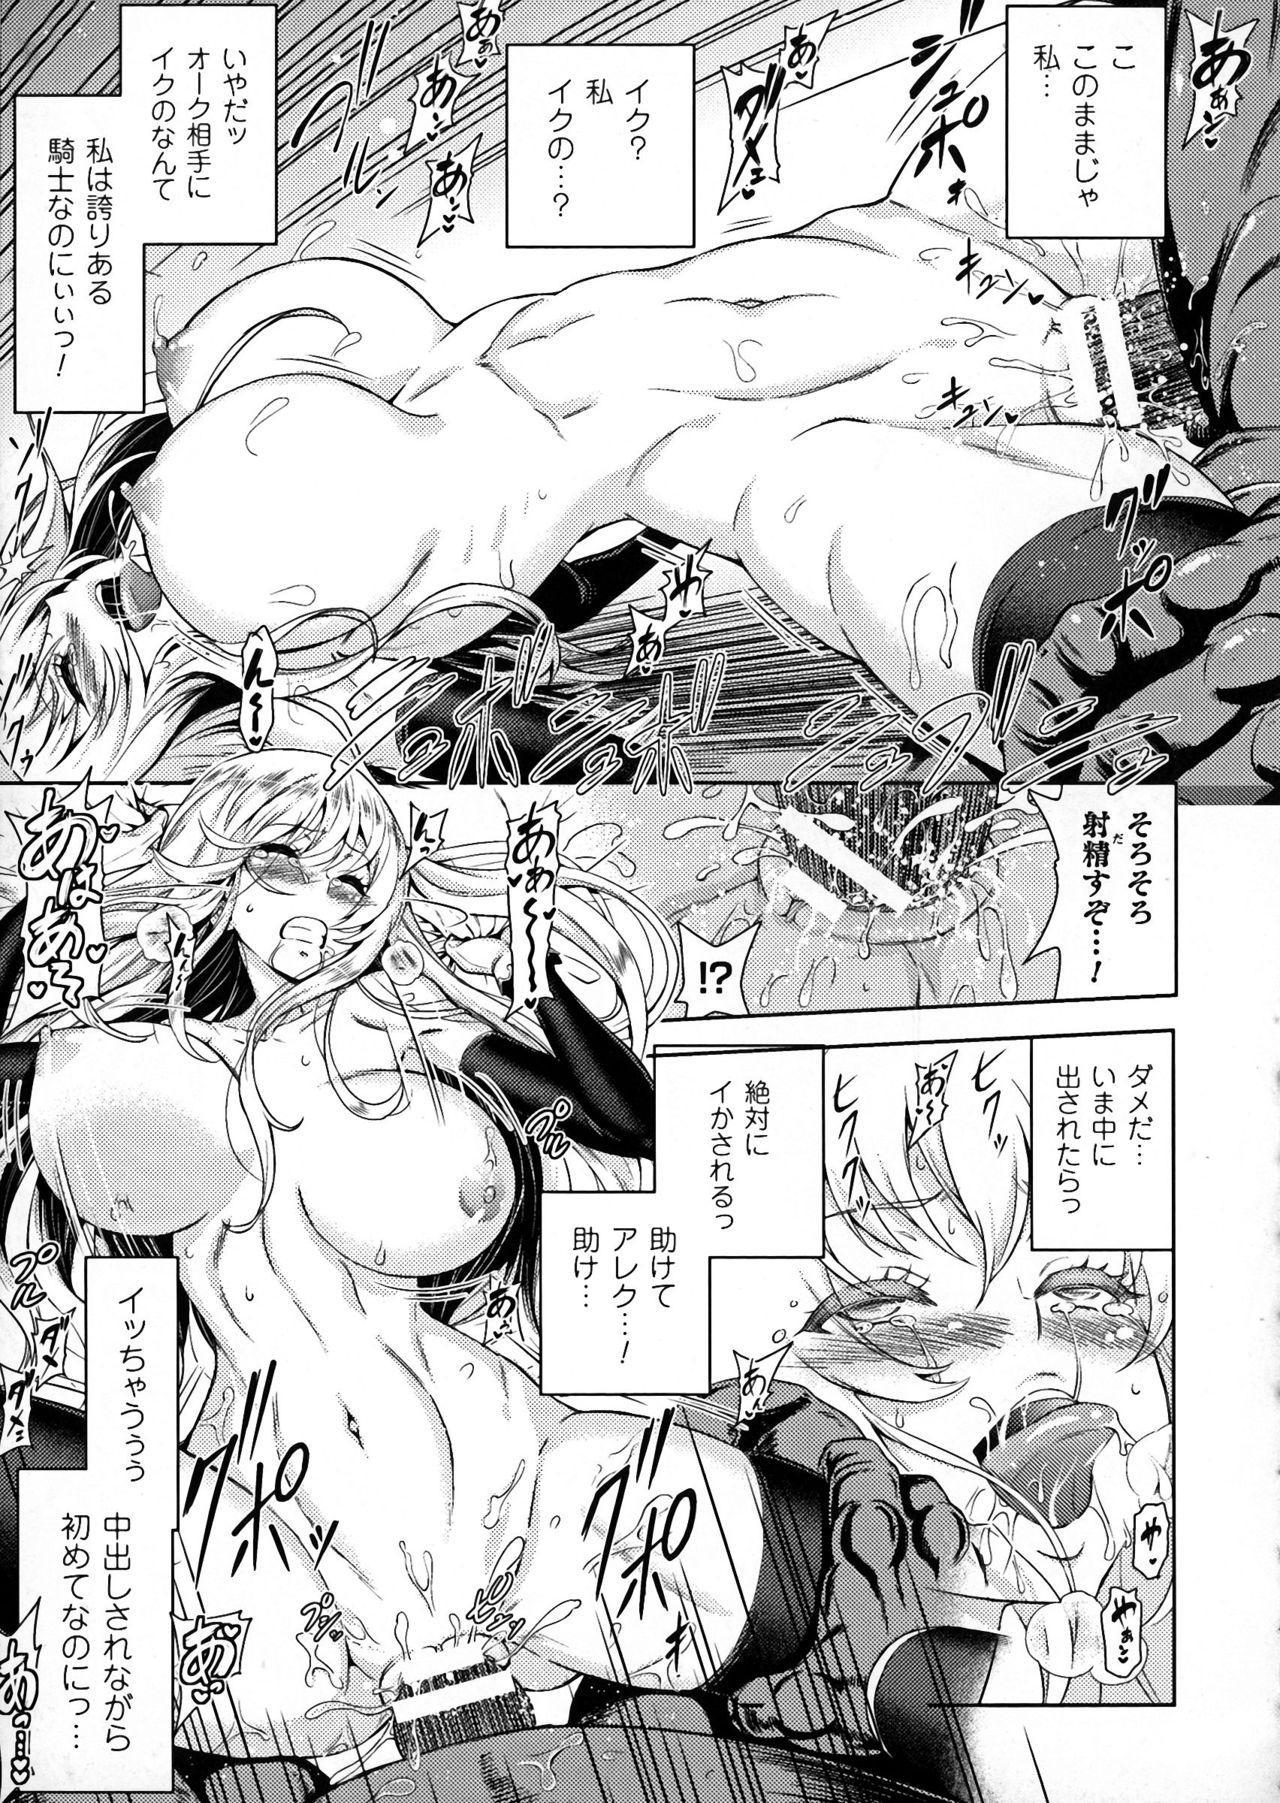 ERONA Orc no Inmon ni Okasareta Onna Kishi no Matsuro 20